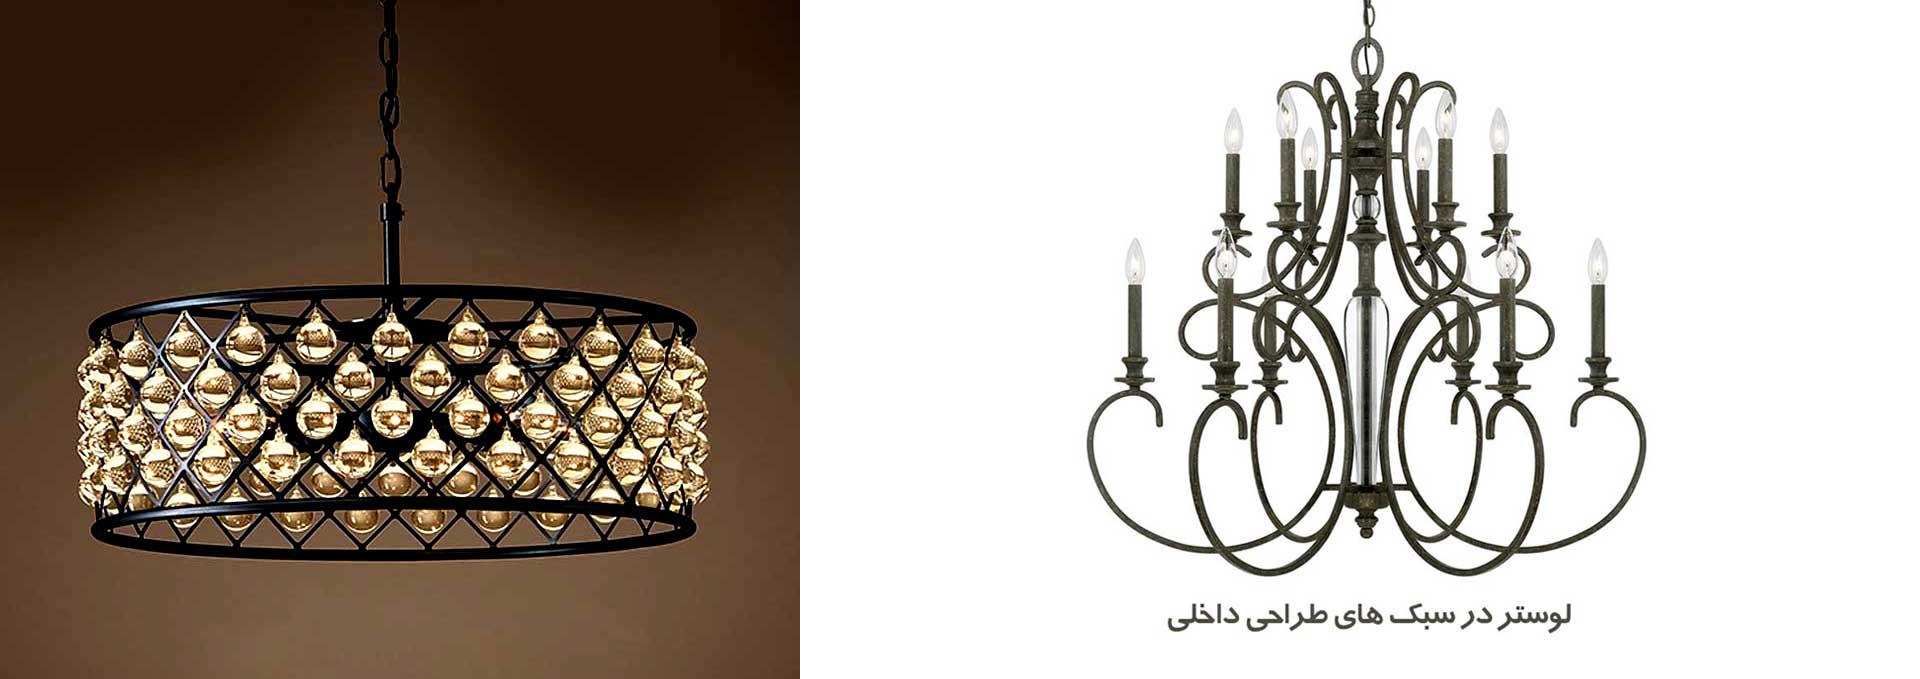 لوستر سبک های طراحی داخلی